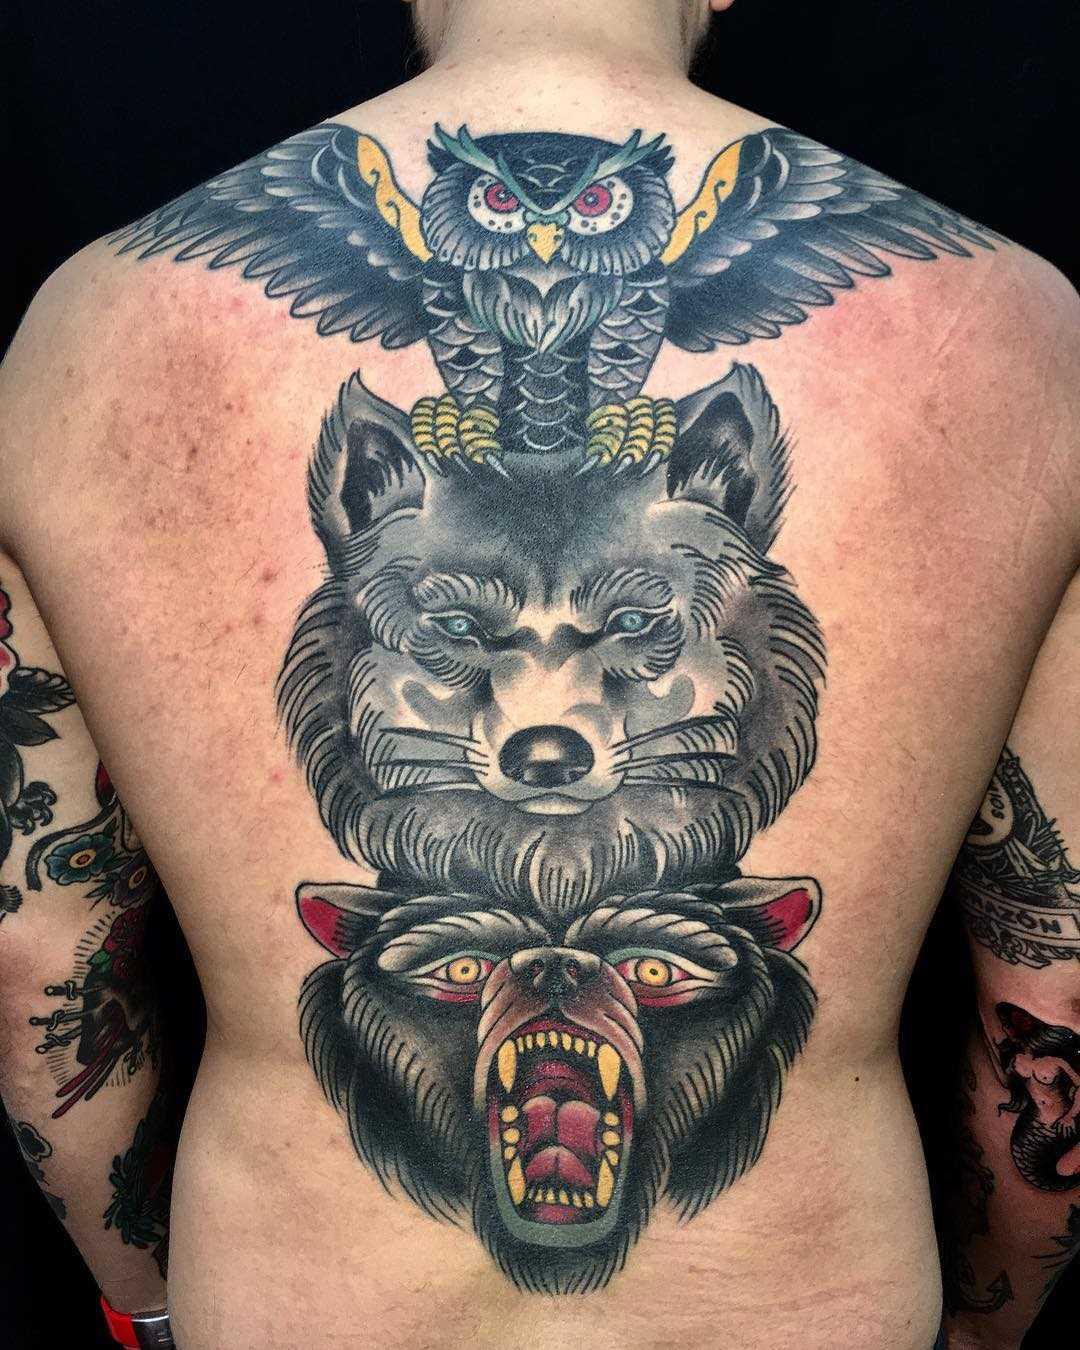 Legal a tatuagem de totem de corujas de lobo e urso nas costas do cara